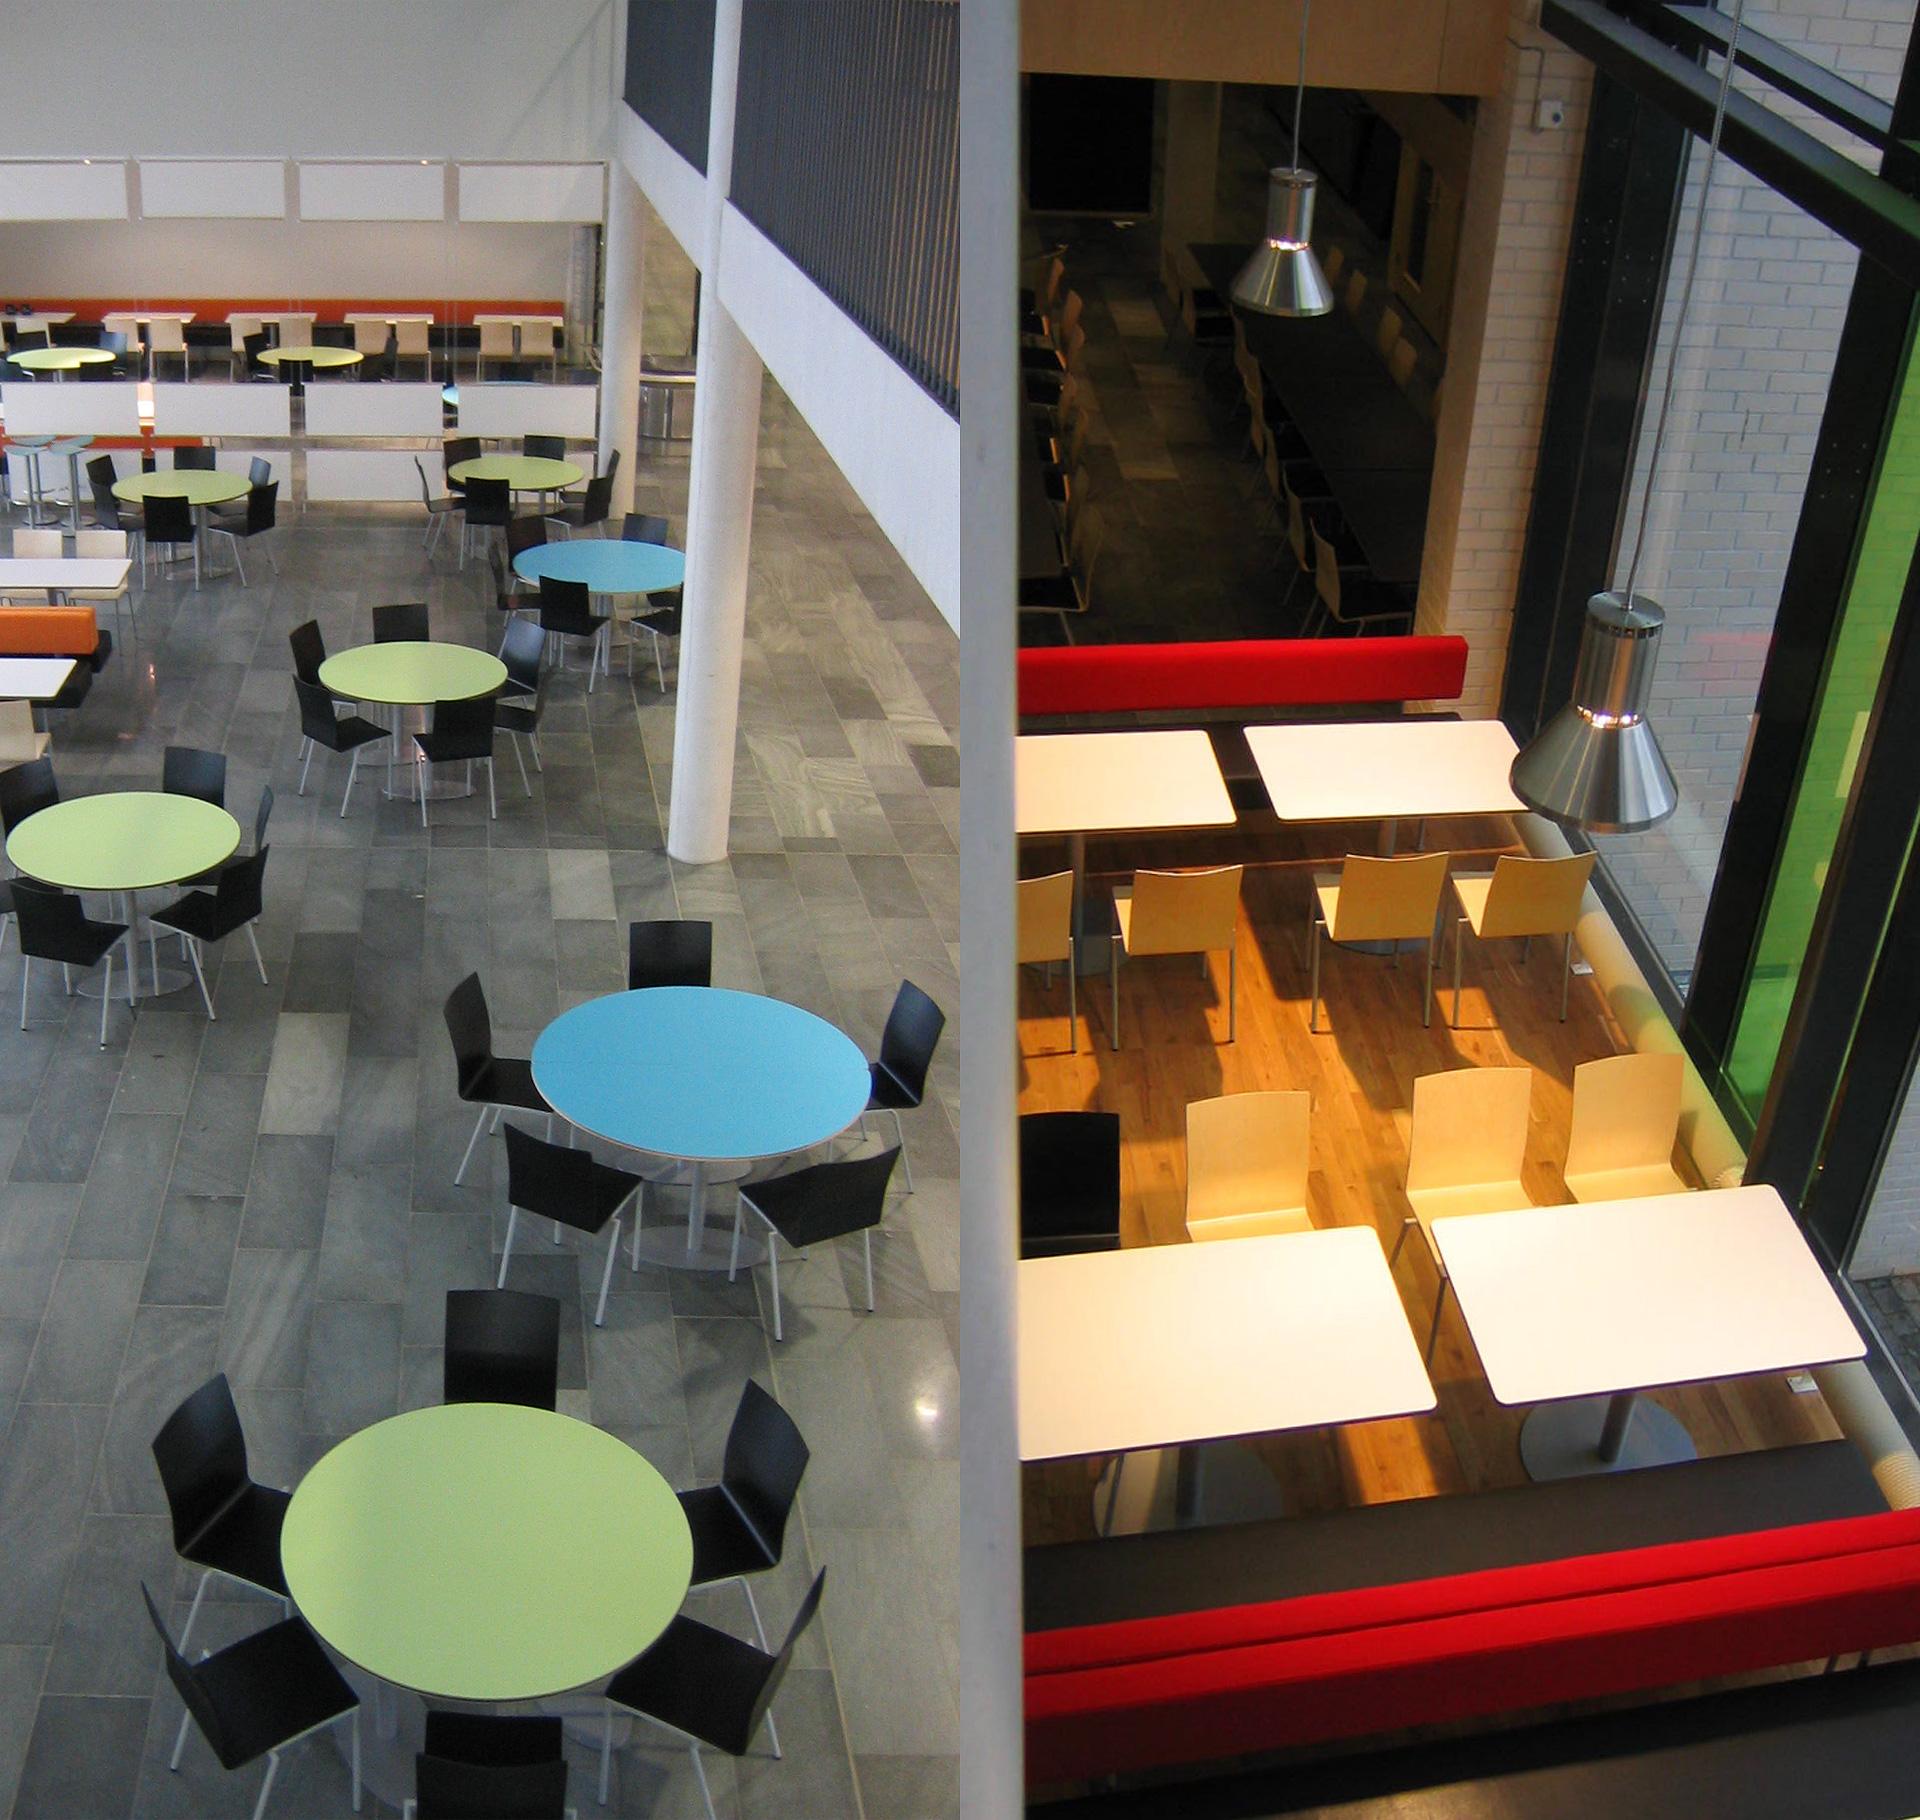 arkitektur_byaasen_videregaaende_skole_trondheim_interior_interiordetaljer_sittegrupper